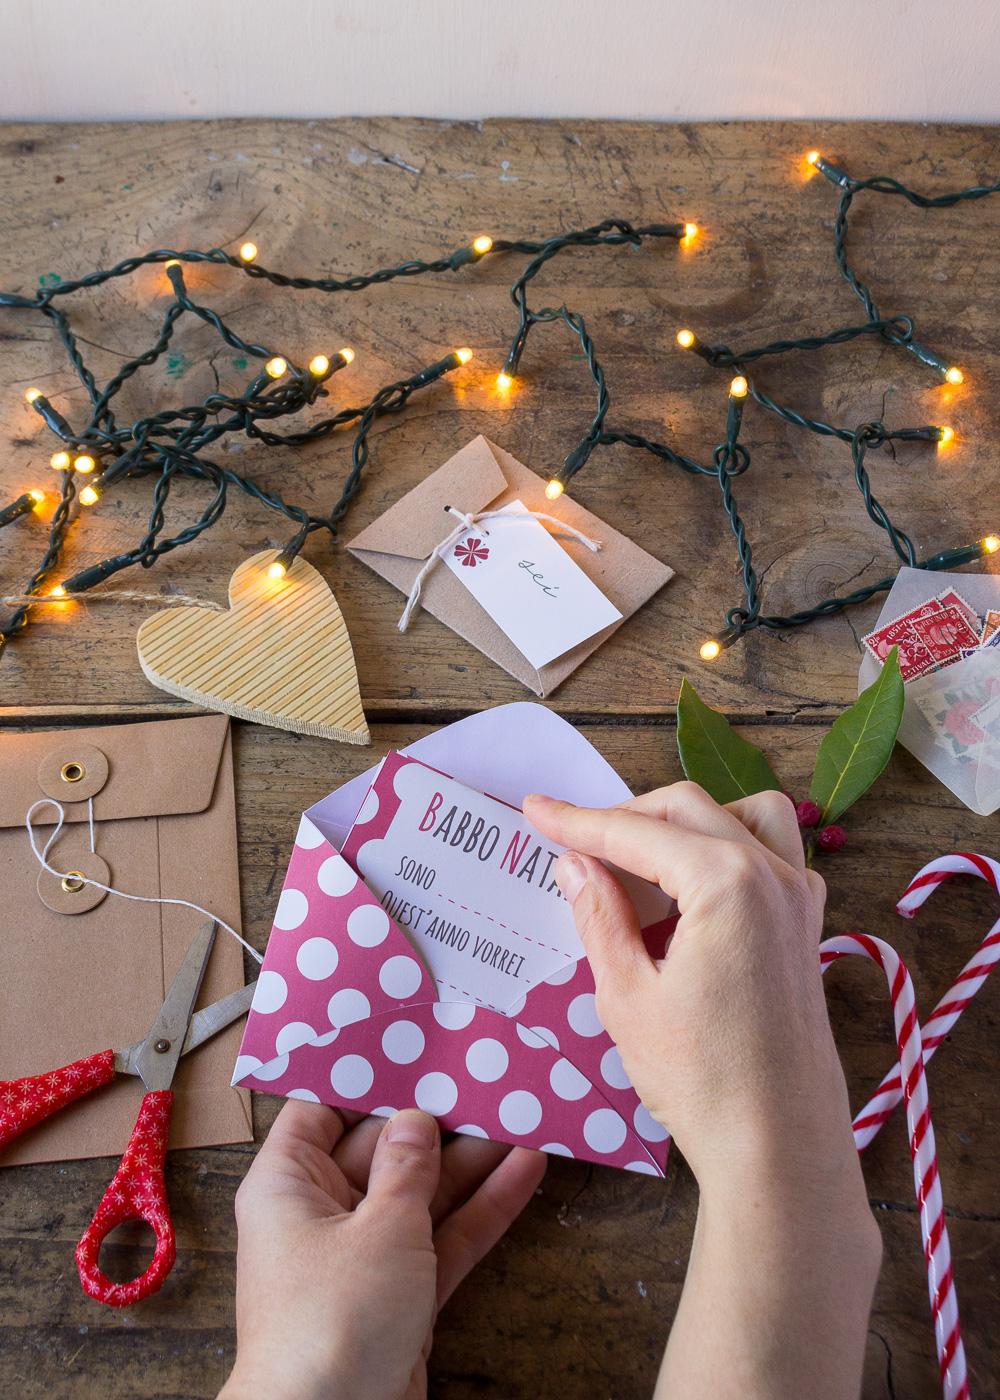 Calendario dell'Avvento - Lettera a Babbo Natale - Un Natale di tradizioni - Lily&SageDesign